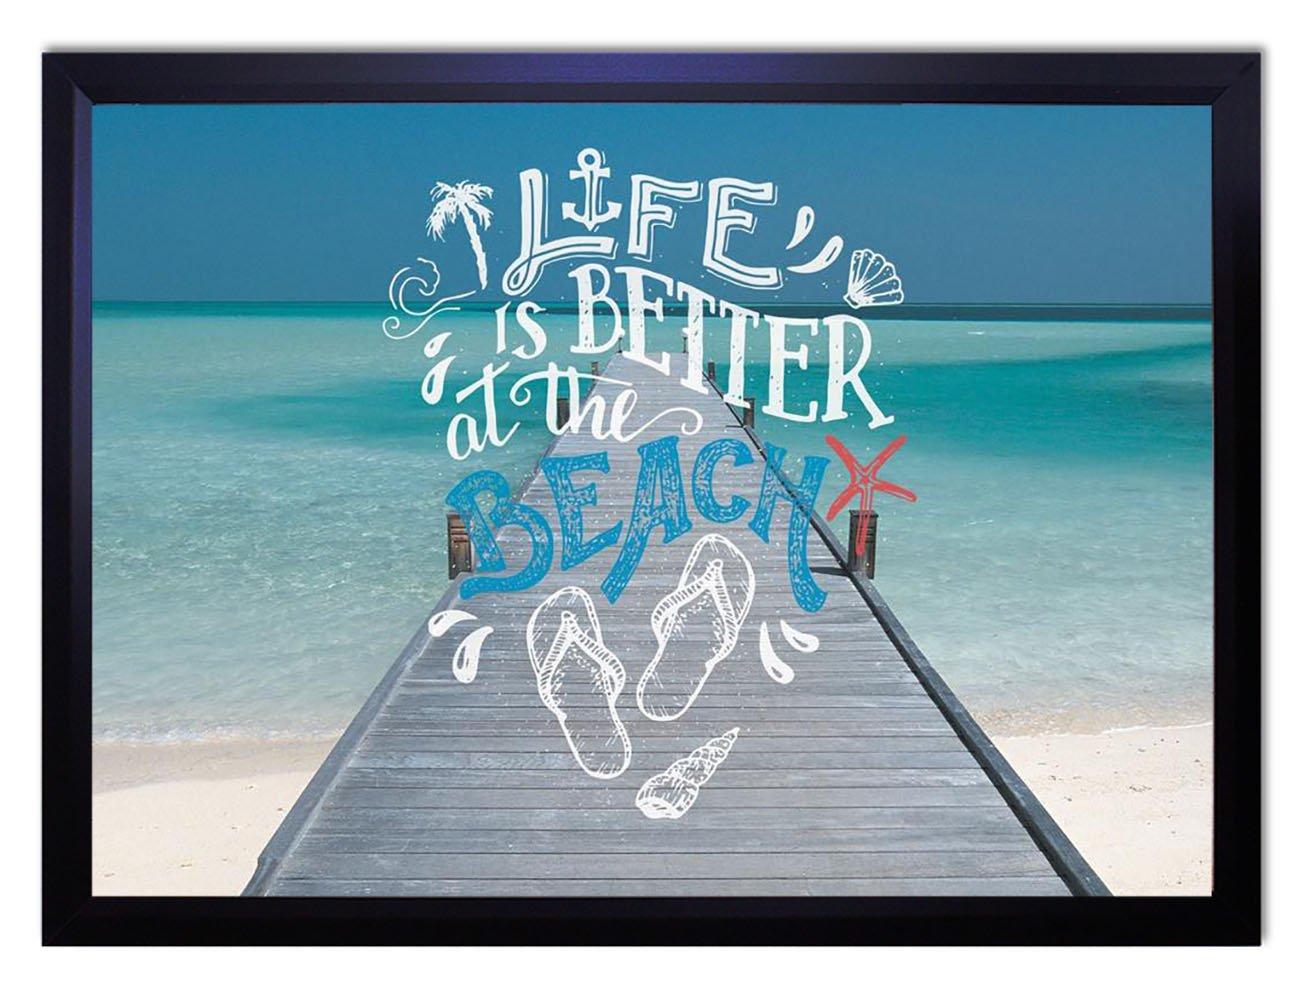 【DXポスター】海のポスター フレーム付き タイポグラフィ サーフ ハワイ 西海岸 リゾート モダン 現代アート P-A2-GLT-1604-0079-wh P-A2-GLT-1604-0079-wh B073SFZKYM A2サイズ(59.4cm×42cm)+ホワイトフレーム A2サイズ(59.4cm×42cm)+ホワイトフレーム